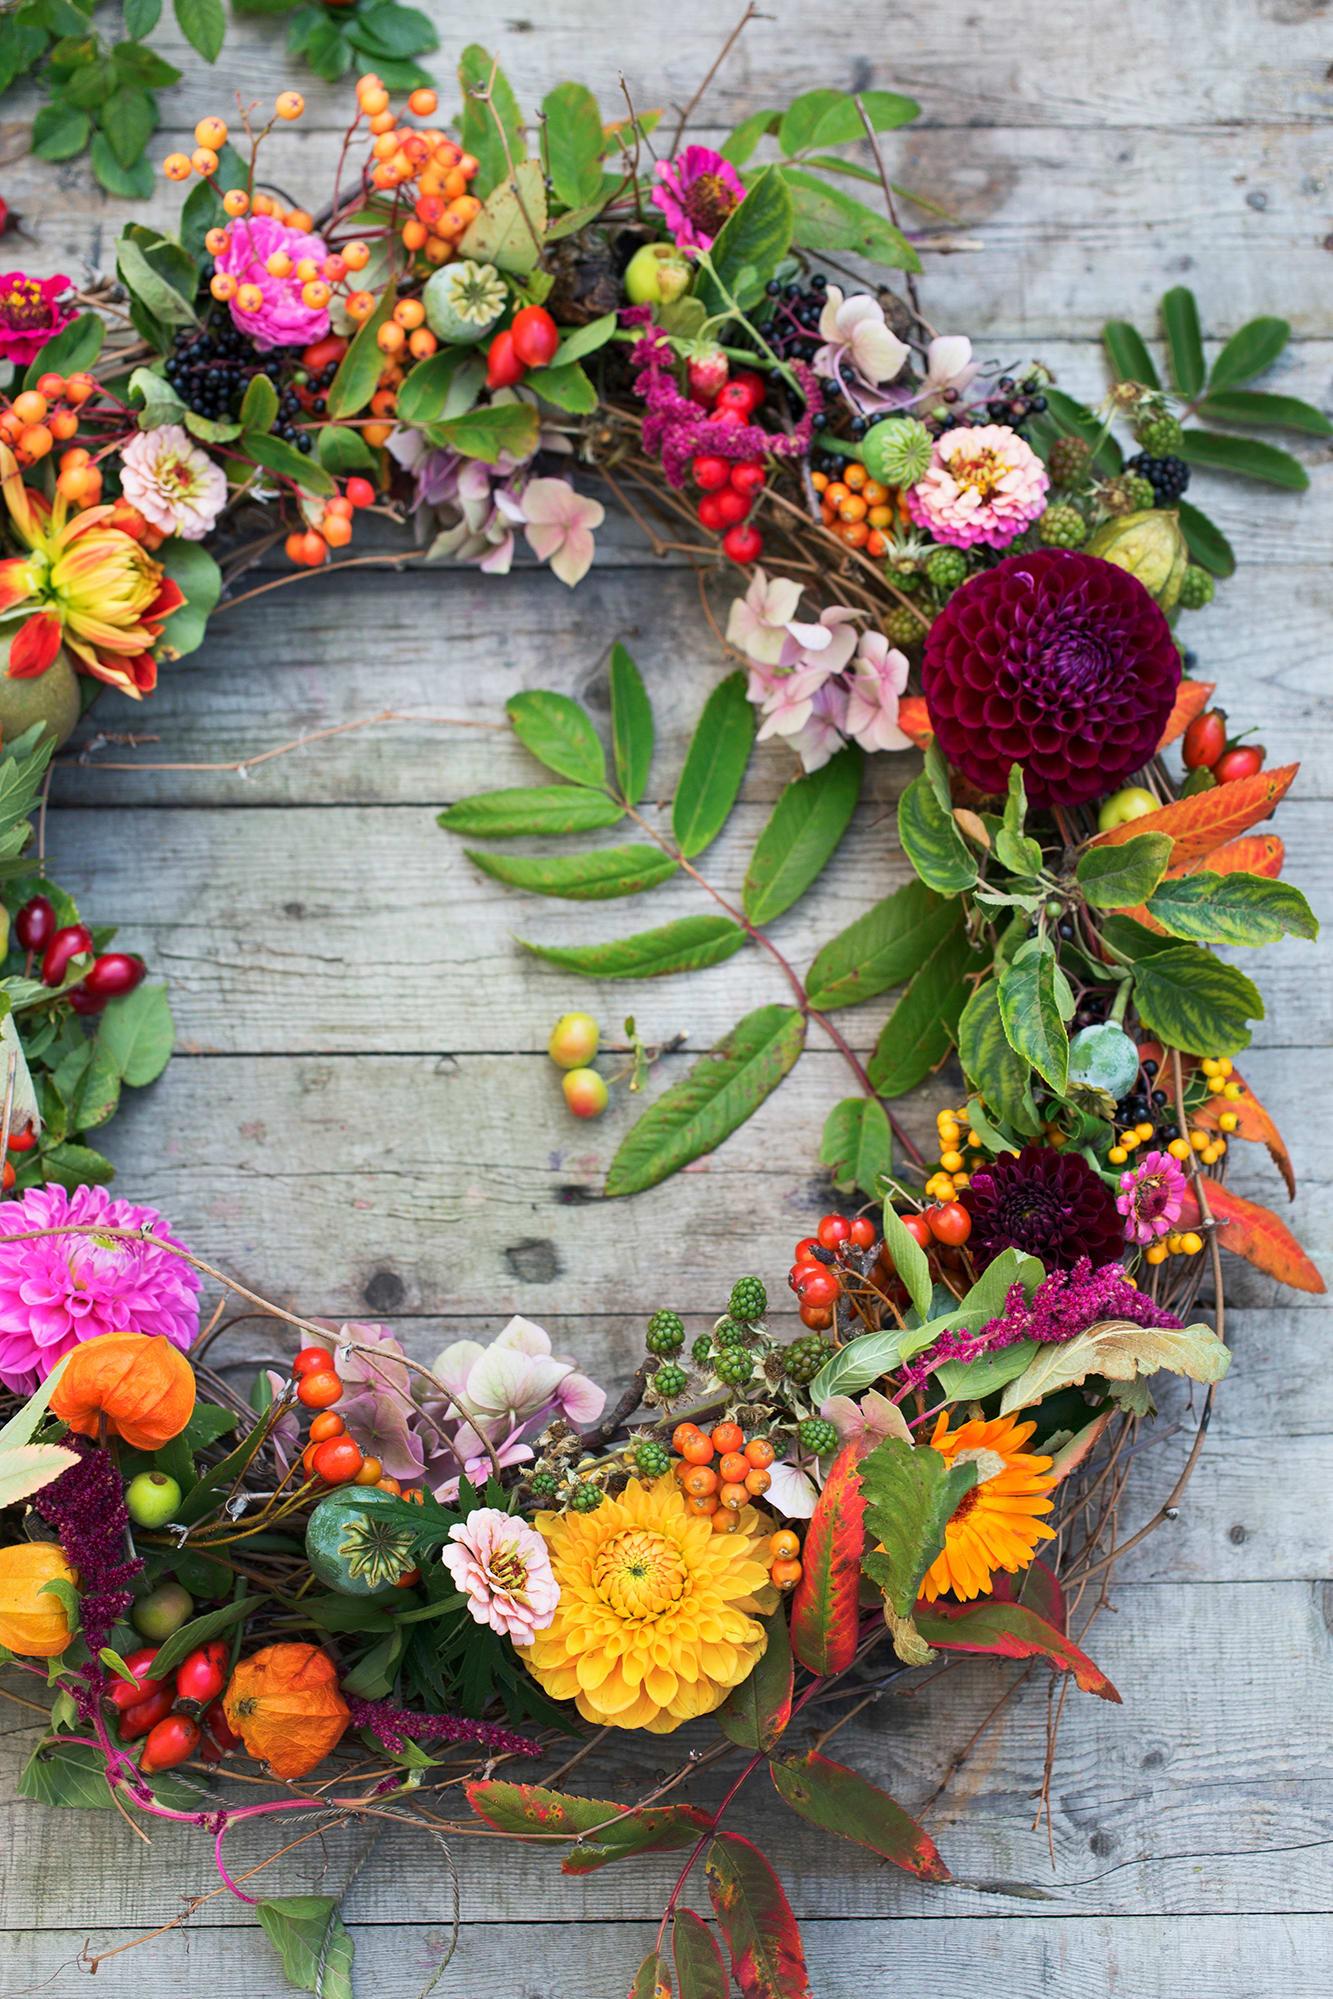 Samla höstens härliga frukter, blommor och bär och gör en krans. Använd en ring med stickmassa istället för att binda kransen så håller den flera dagar. Vi har använt dahlior, vallmokapslar, japanska lyktor, nypon, rönnbär, zinnia, björnbär, ringblommor och rönnbärsblad, hortensia och rävsvans.